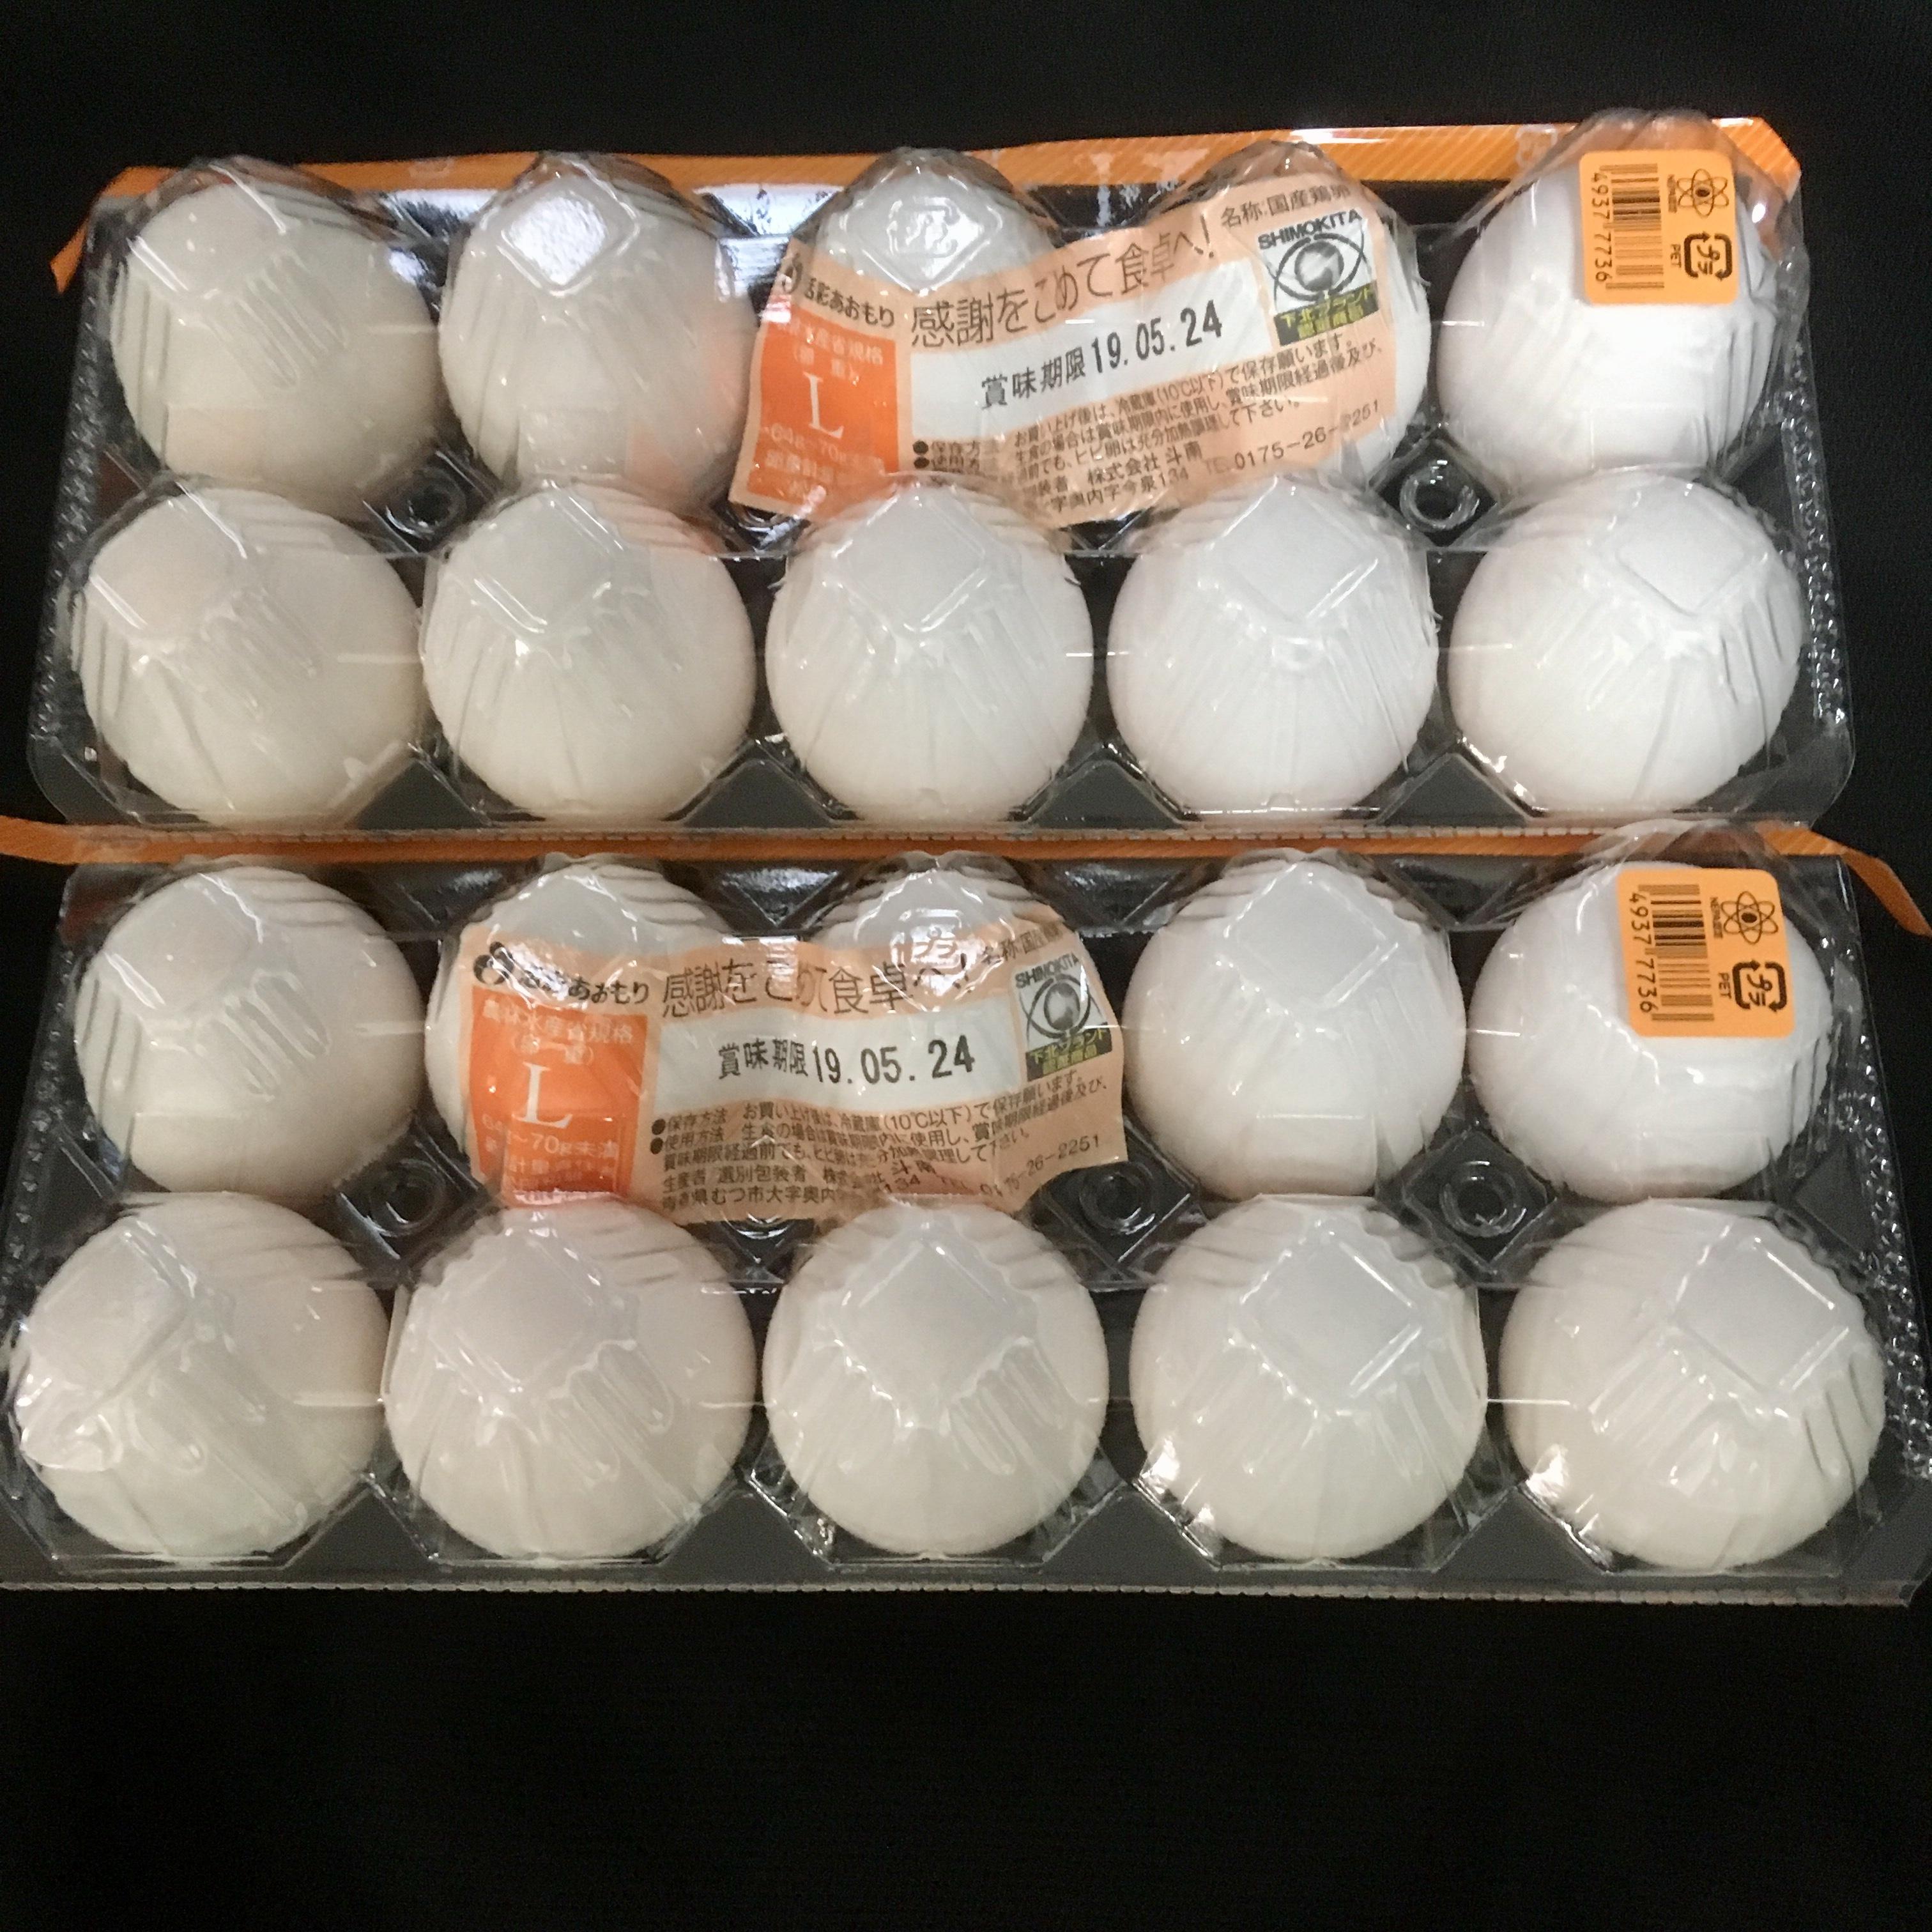 ドン・キホーテ日吉店のタイムセールあみだくじチャレンジでたまごLサイズを50円で20個GET!